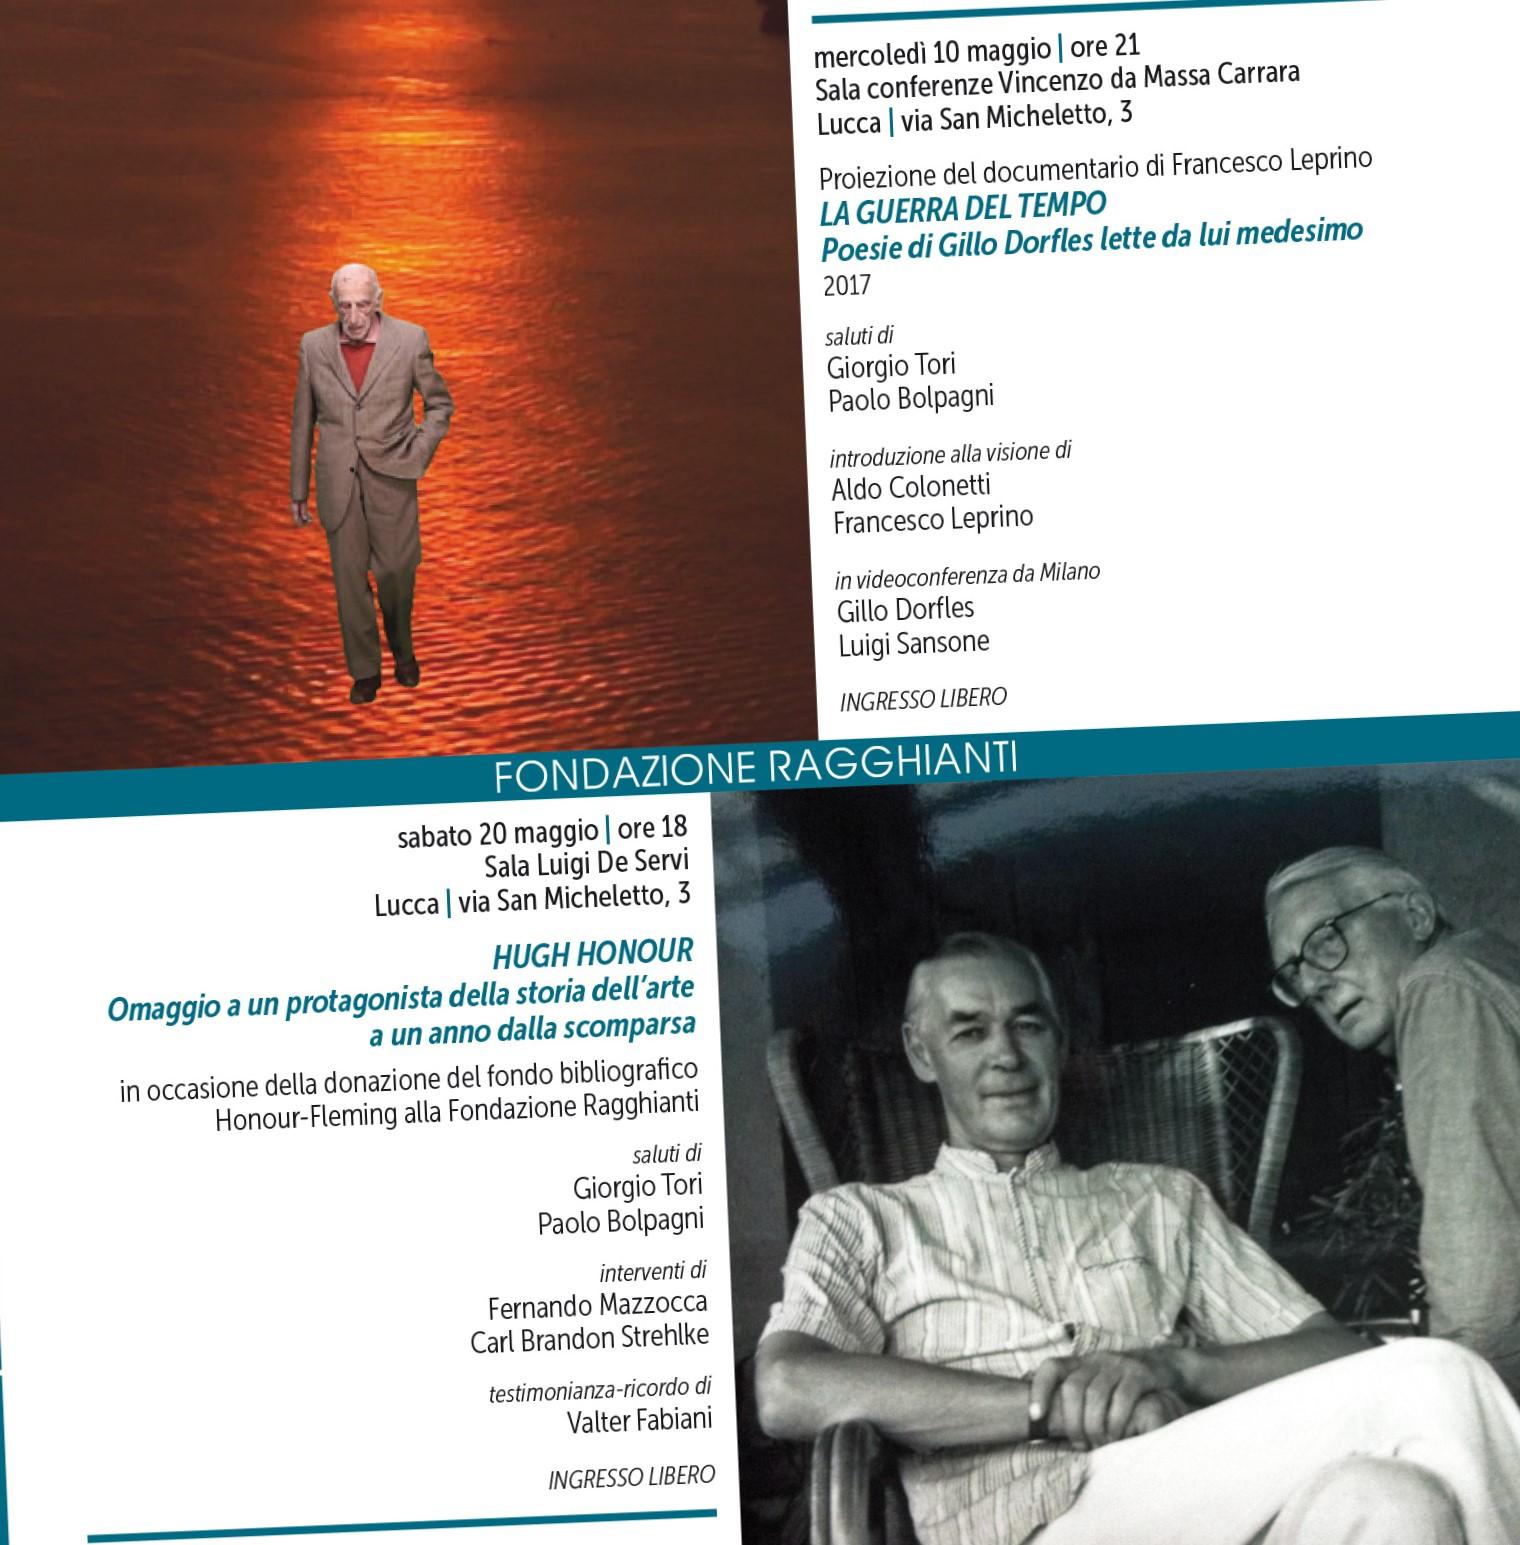 Fondazione Ragghianti GilloDorfles